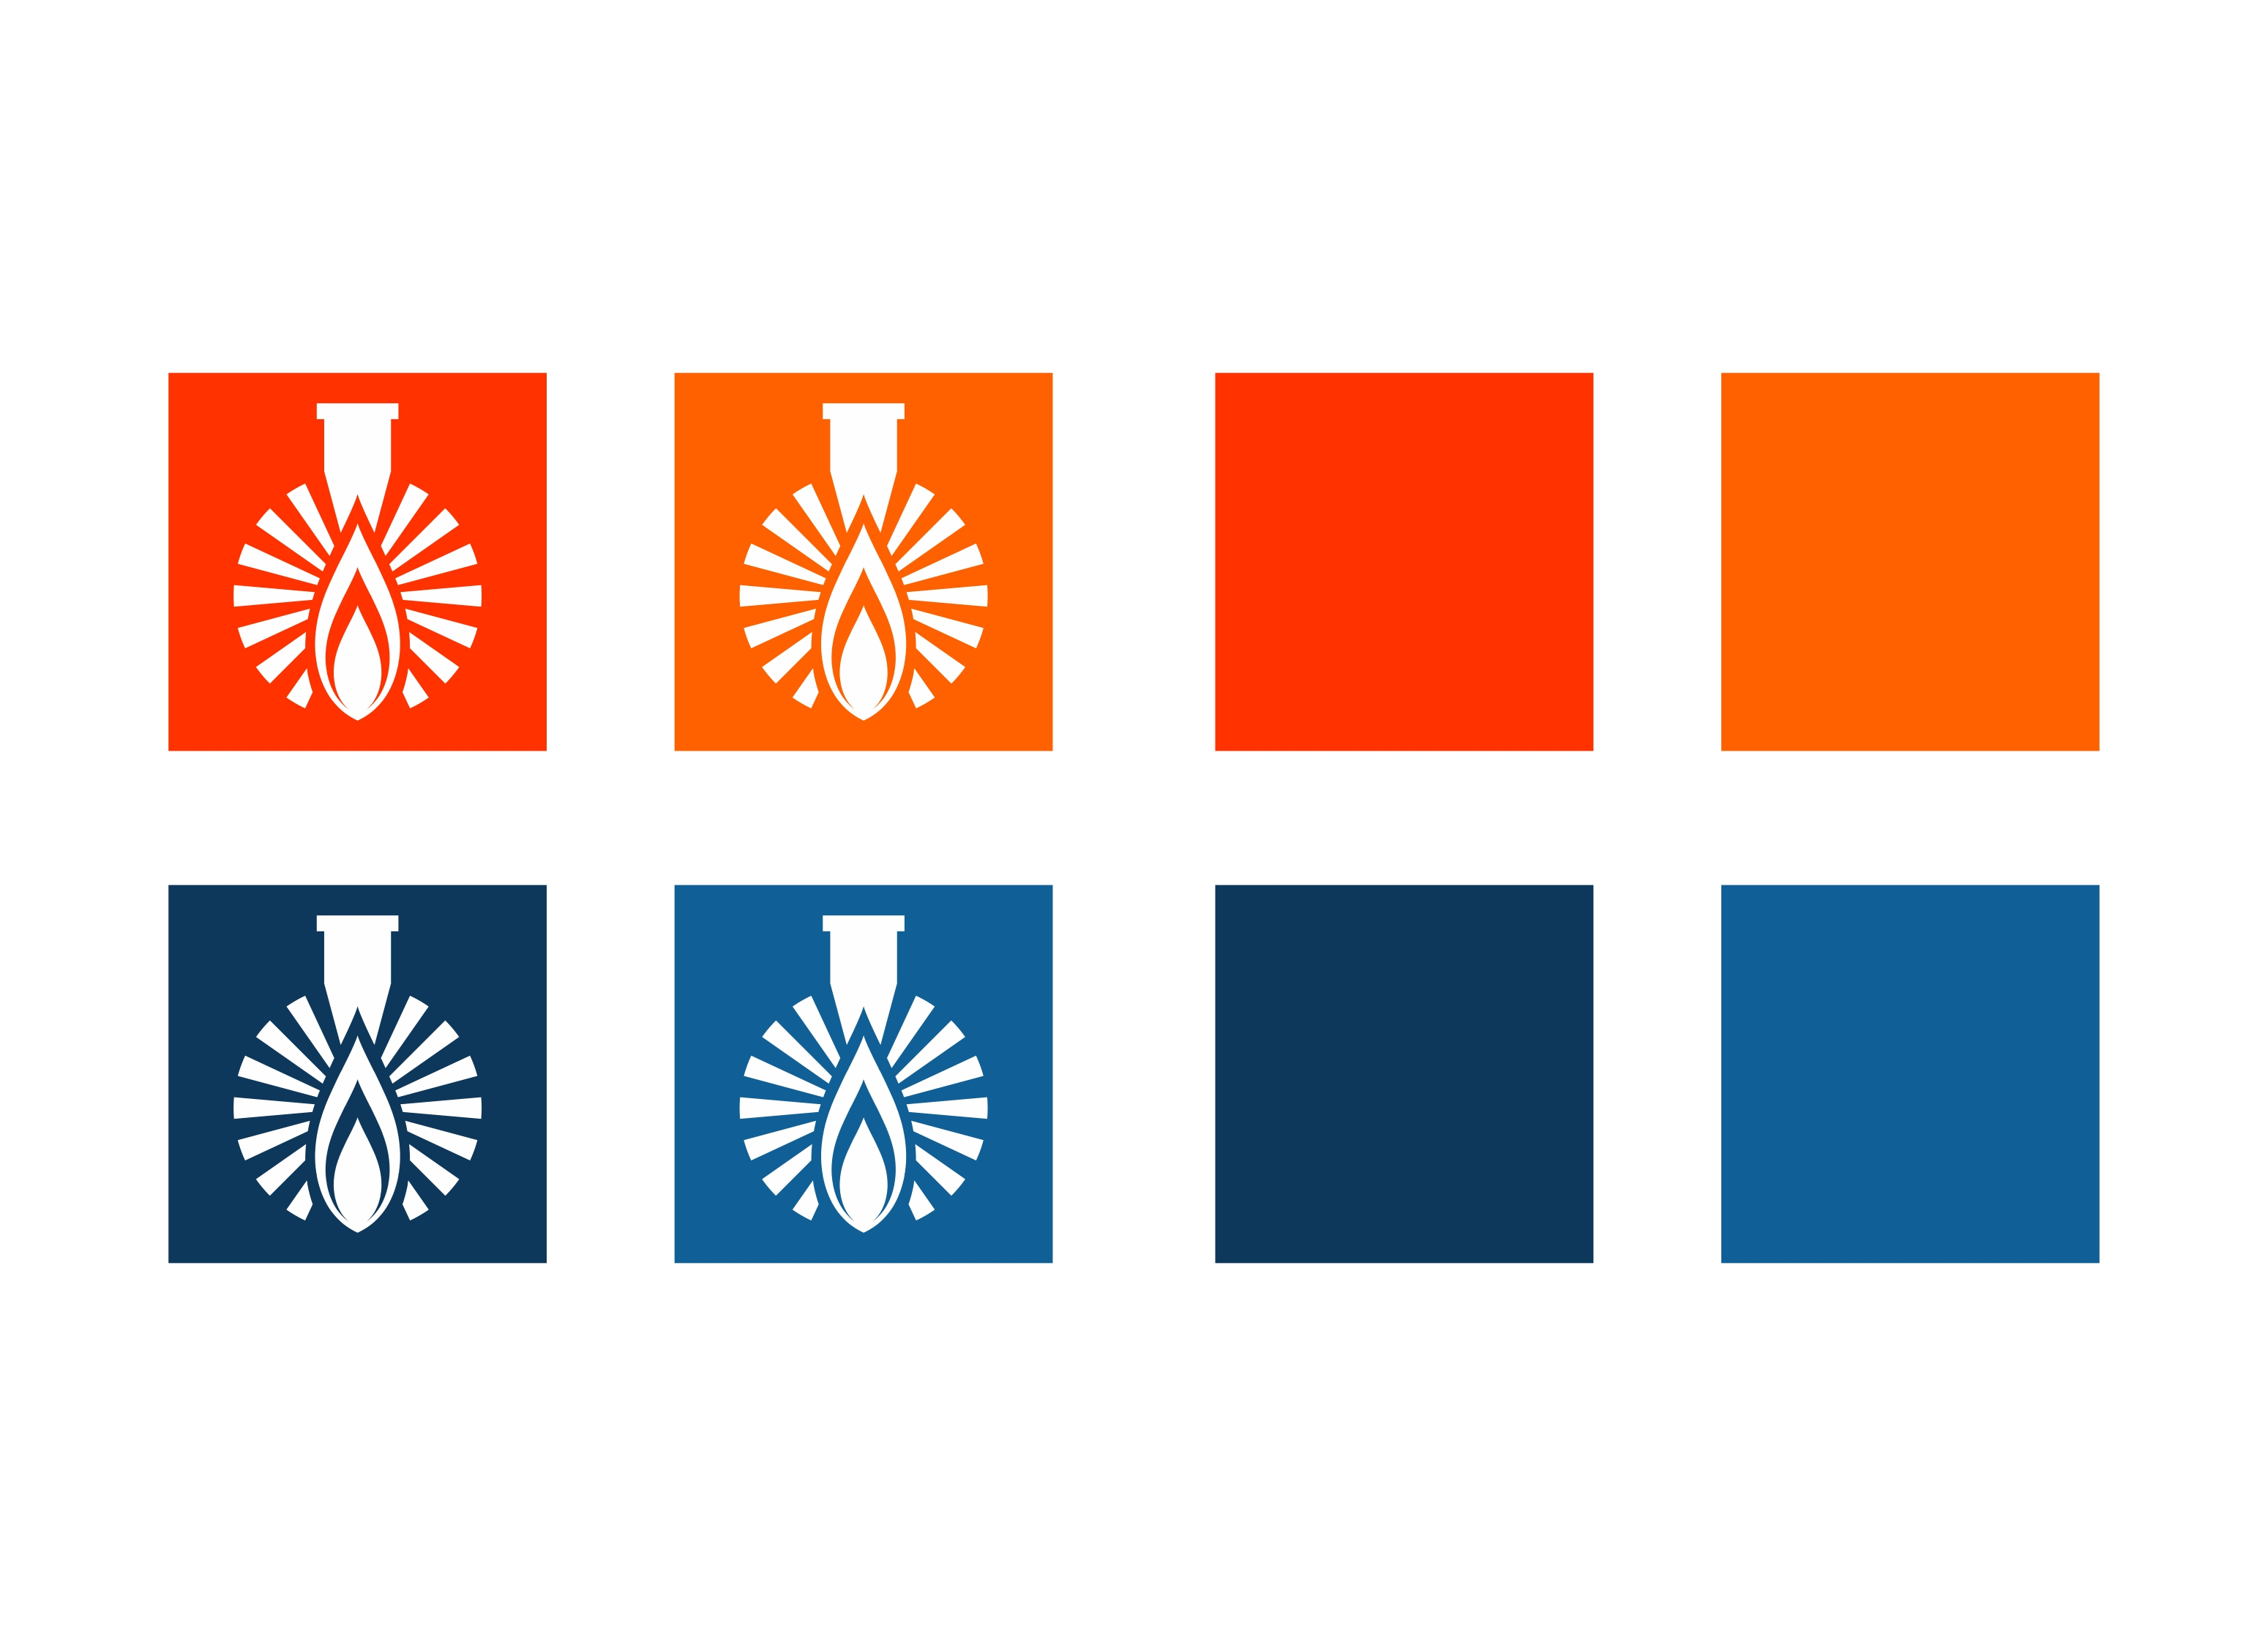 Разработка логотипа и фирменного стиля фото f_5025d999ecf21389.jpg